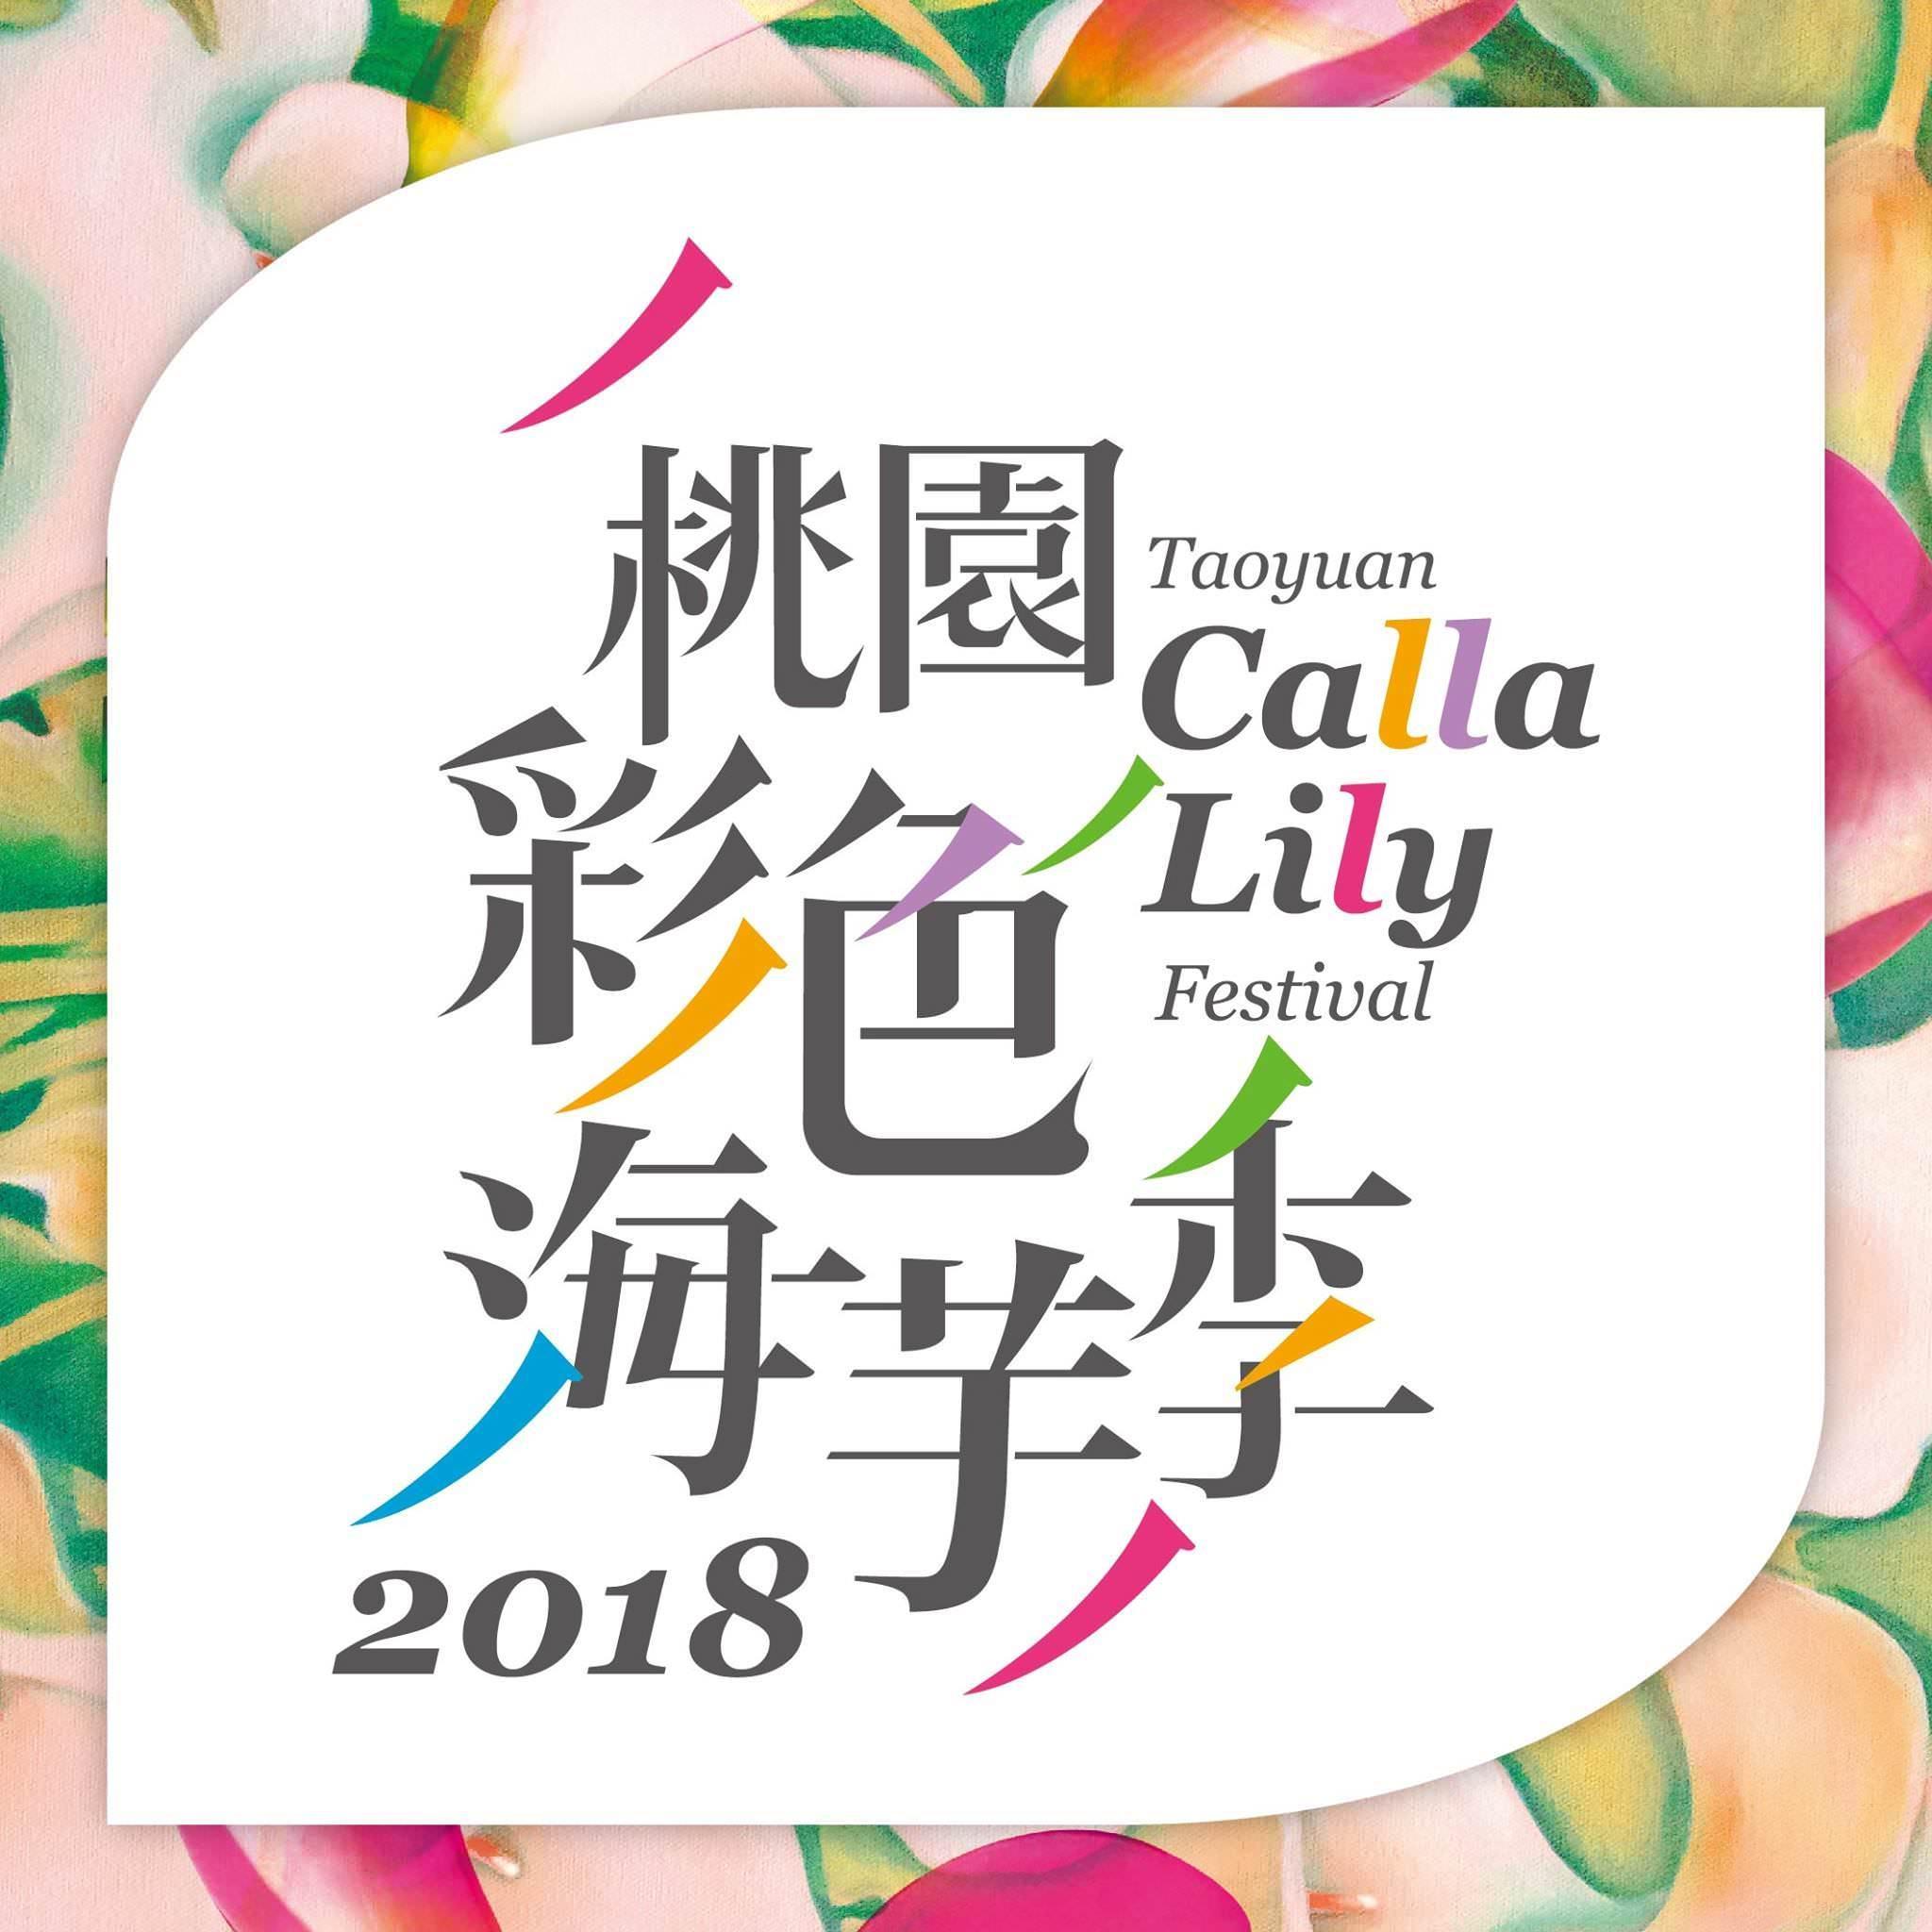 2018 桃園彩色海芋季 交通展區活動介紹接駁車